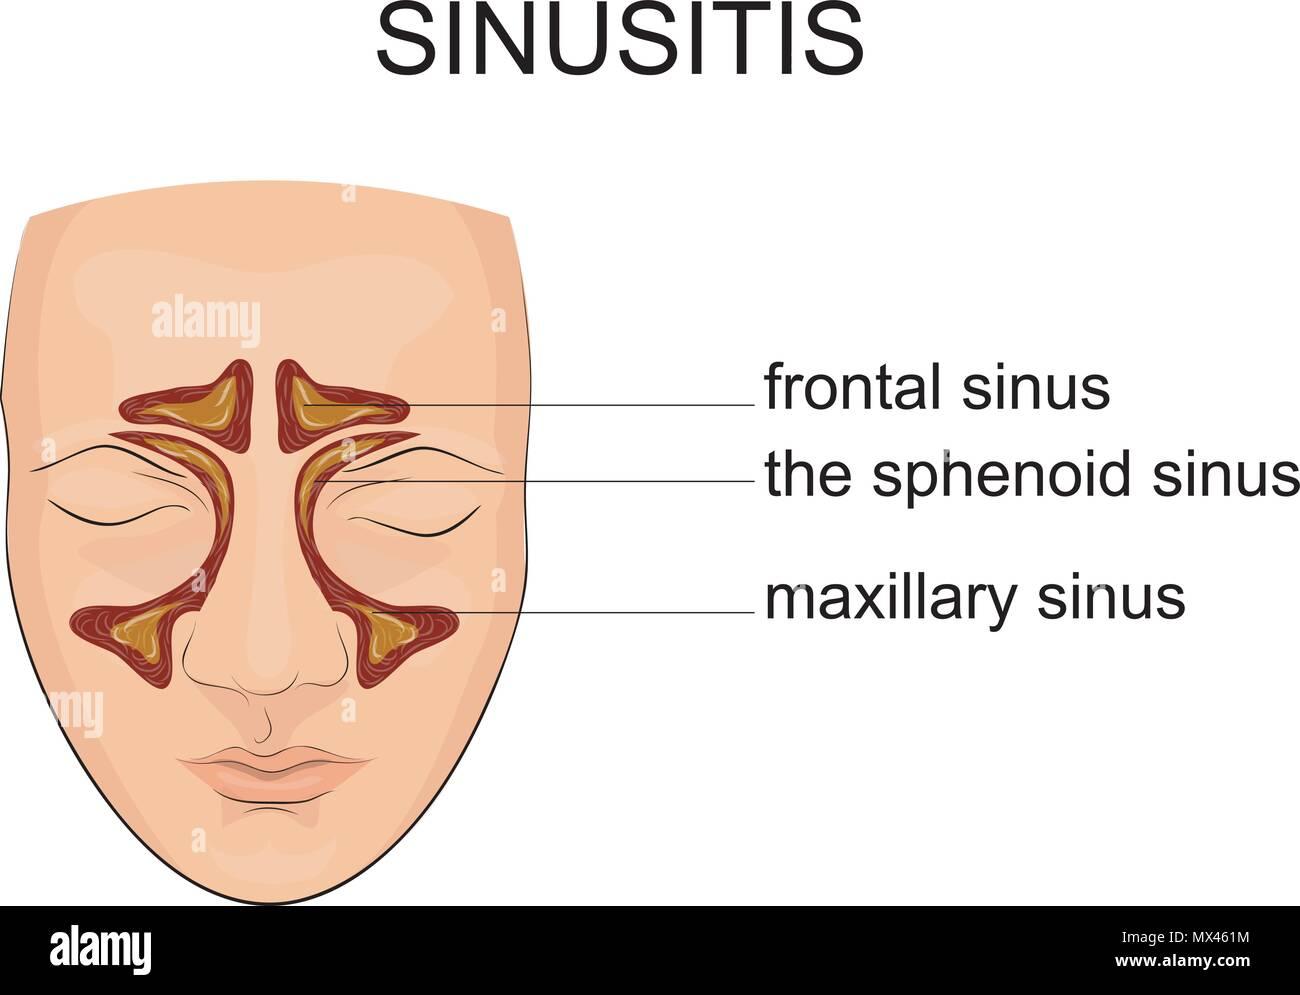 Sinuses Stockfotos & Sinuses Bilder - Alamy